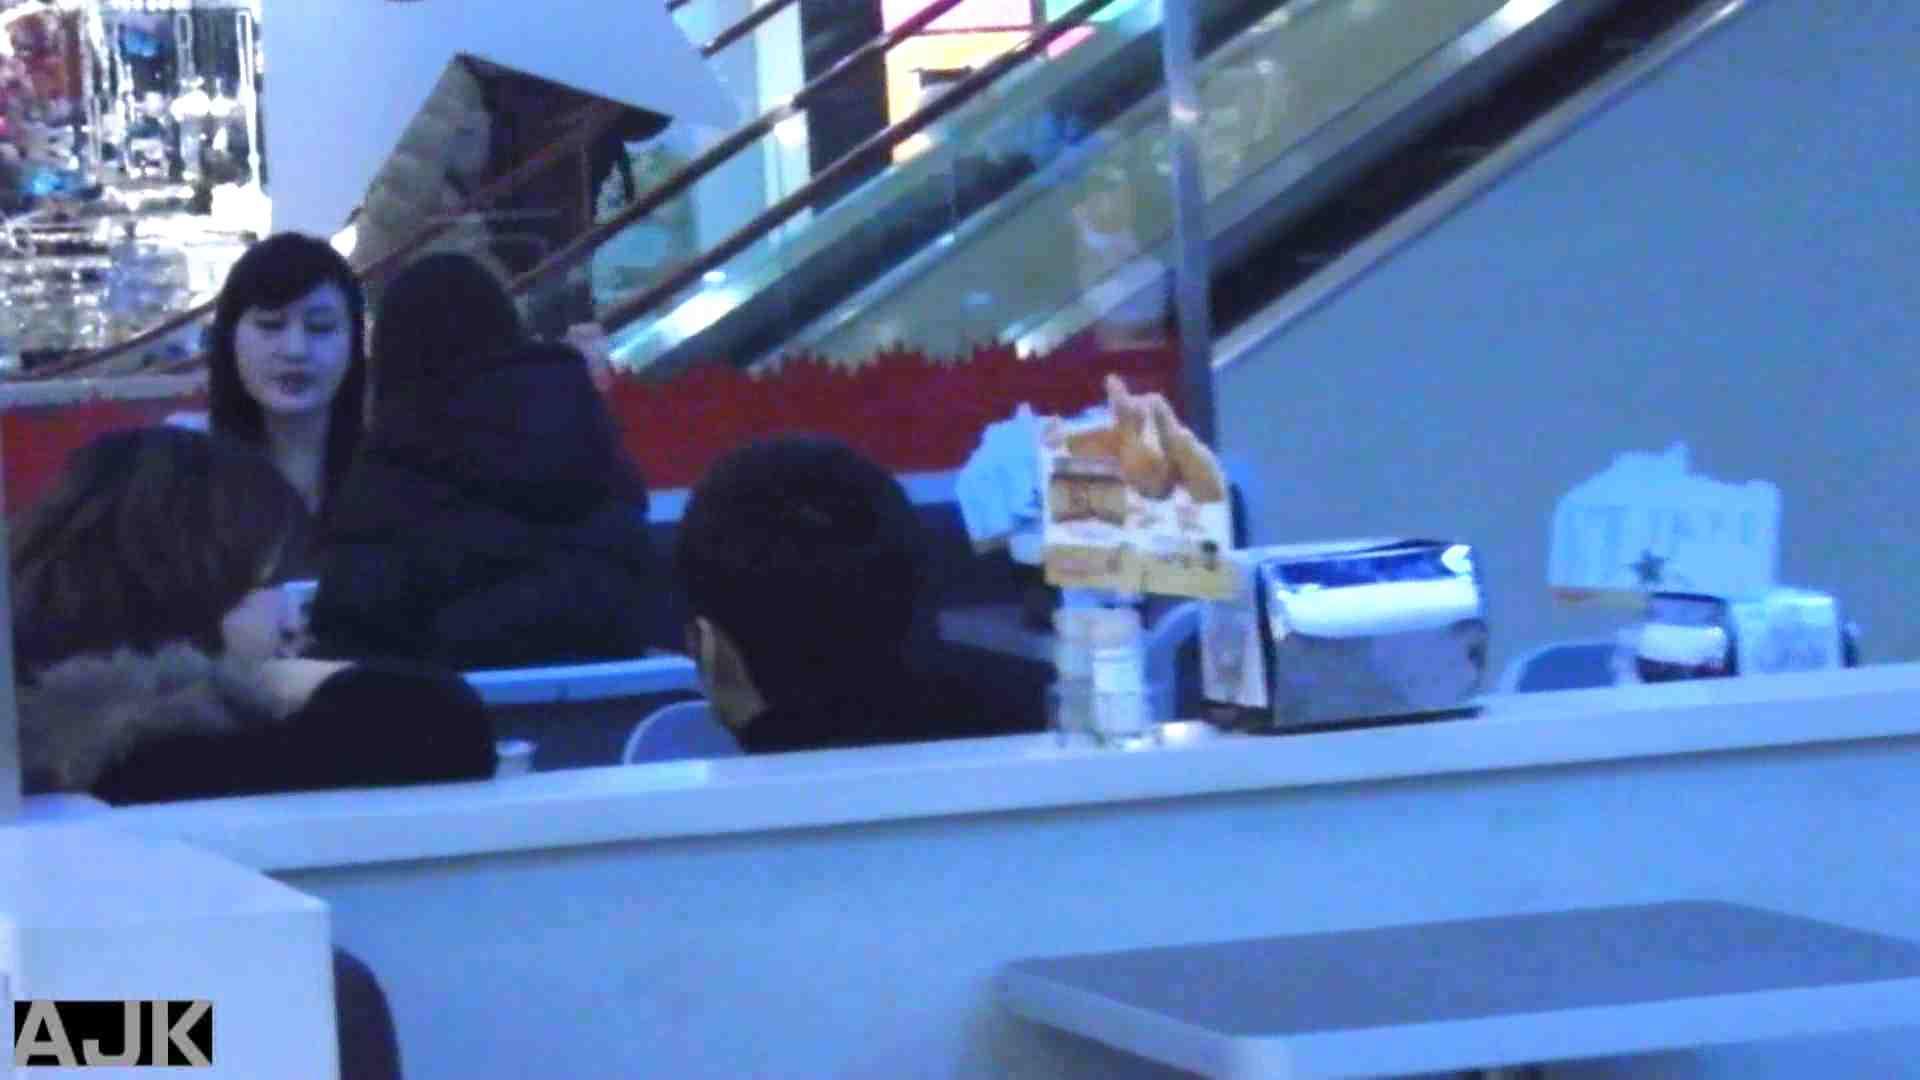 隣国上階級エリアの令嬢たちが集うデパートお手洗い Vol.06 マンコ AV動画キャプチャ 78画像 38